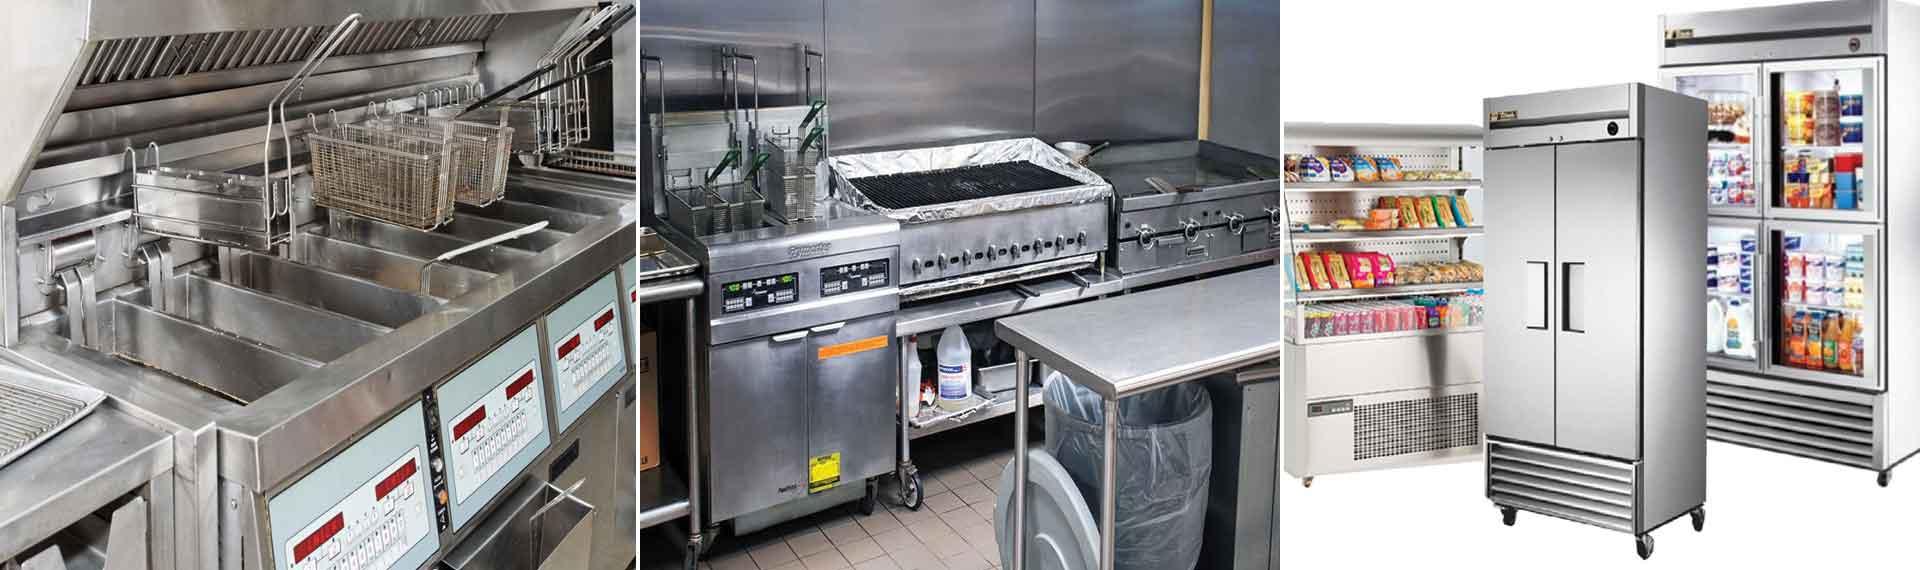 Commercial Refrigeration Contractors Inc. Clarkston GA